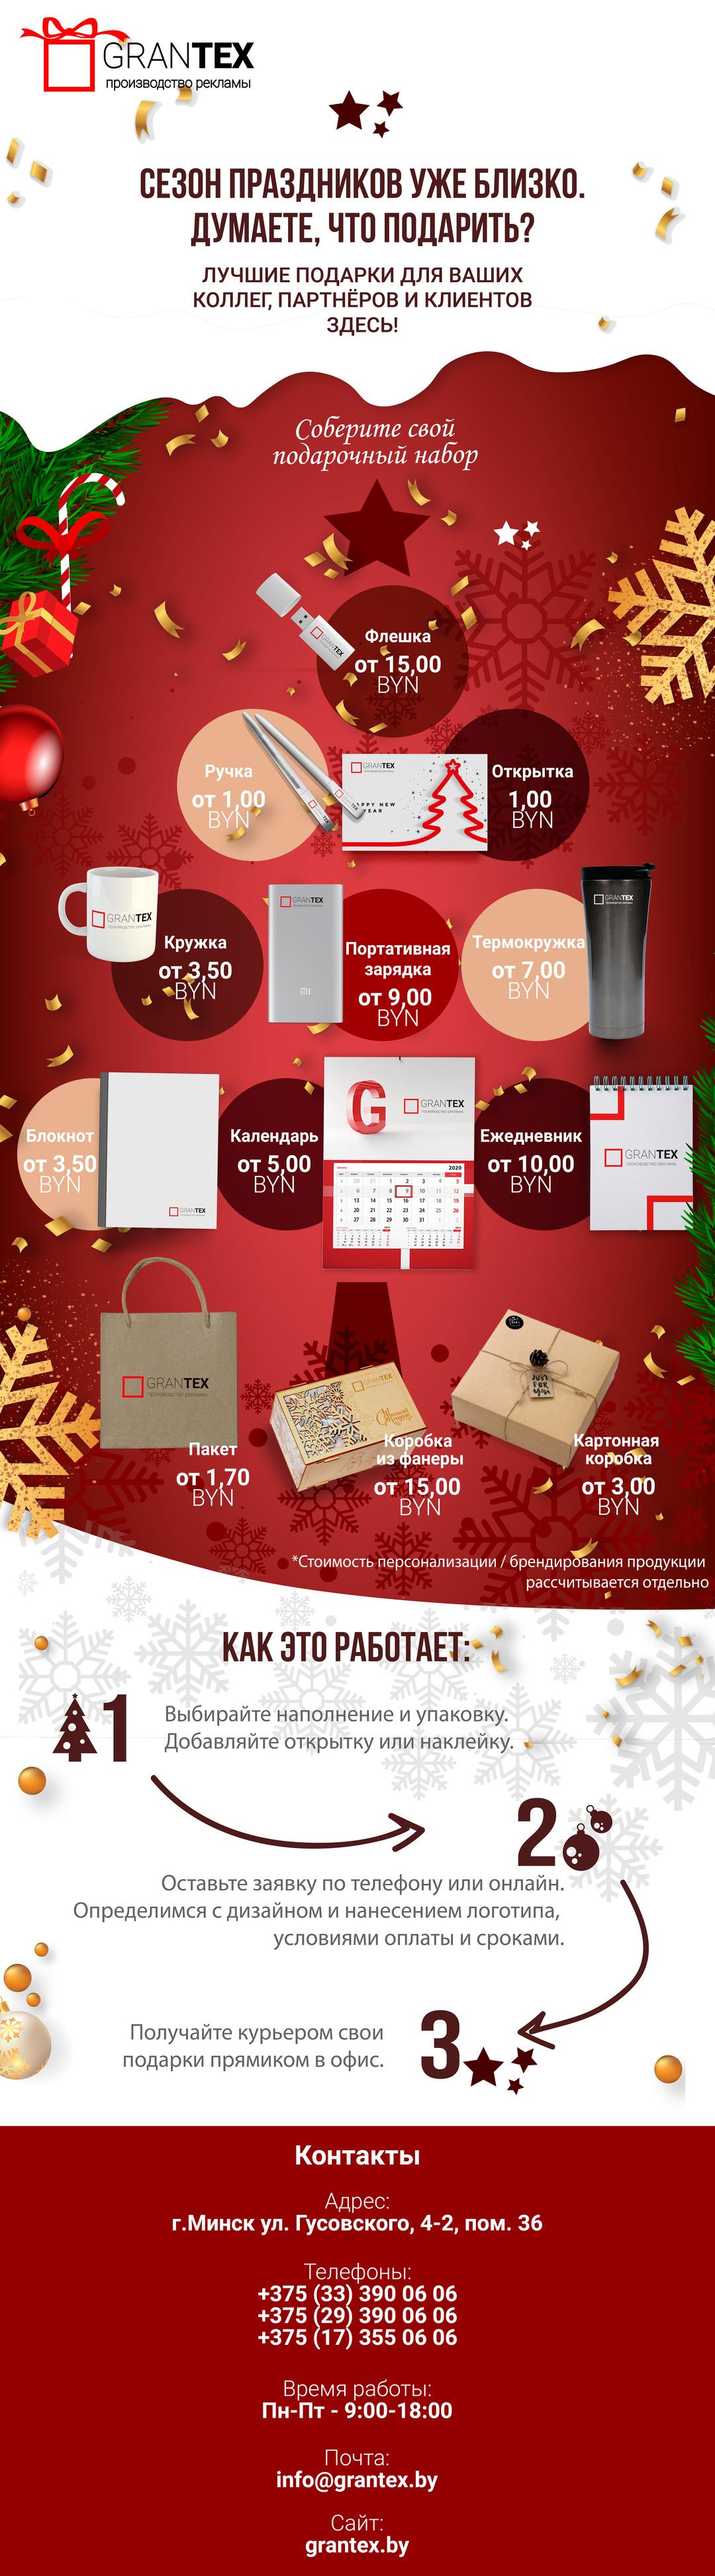 Новогодняя полиграфия и сувенирная продукция от компании Grantex